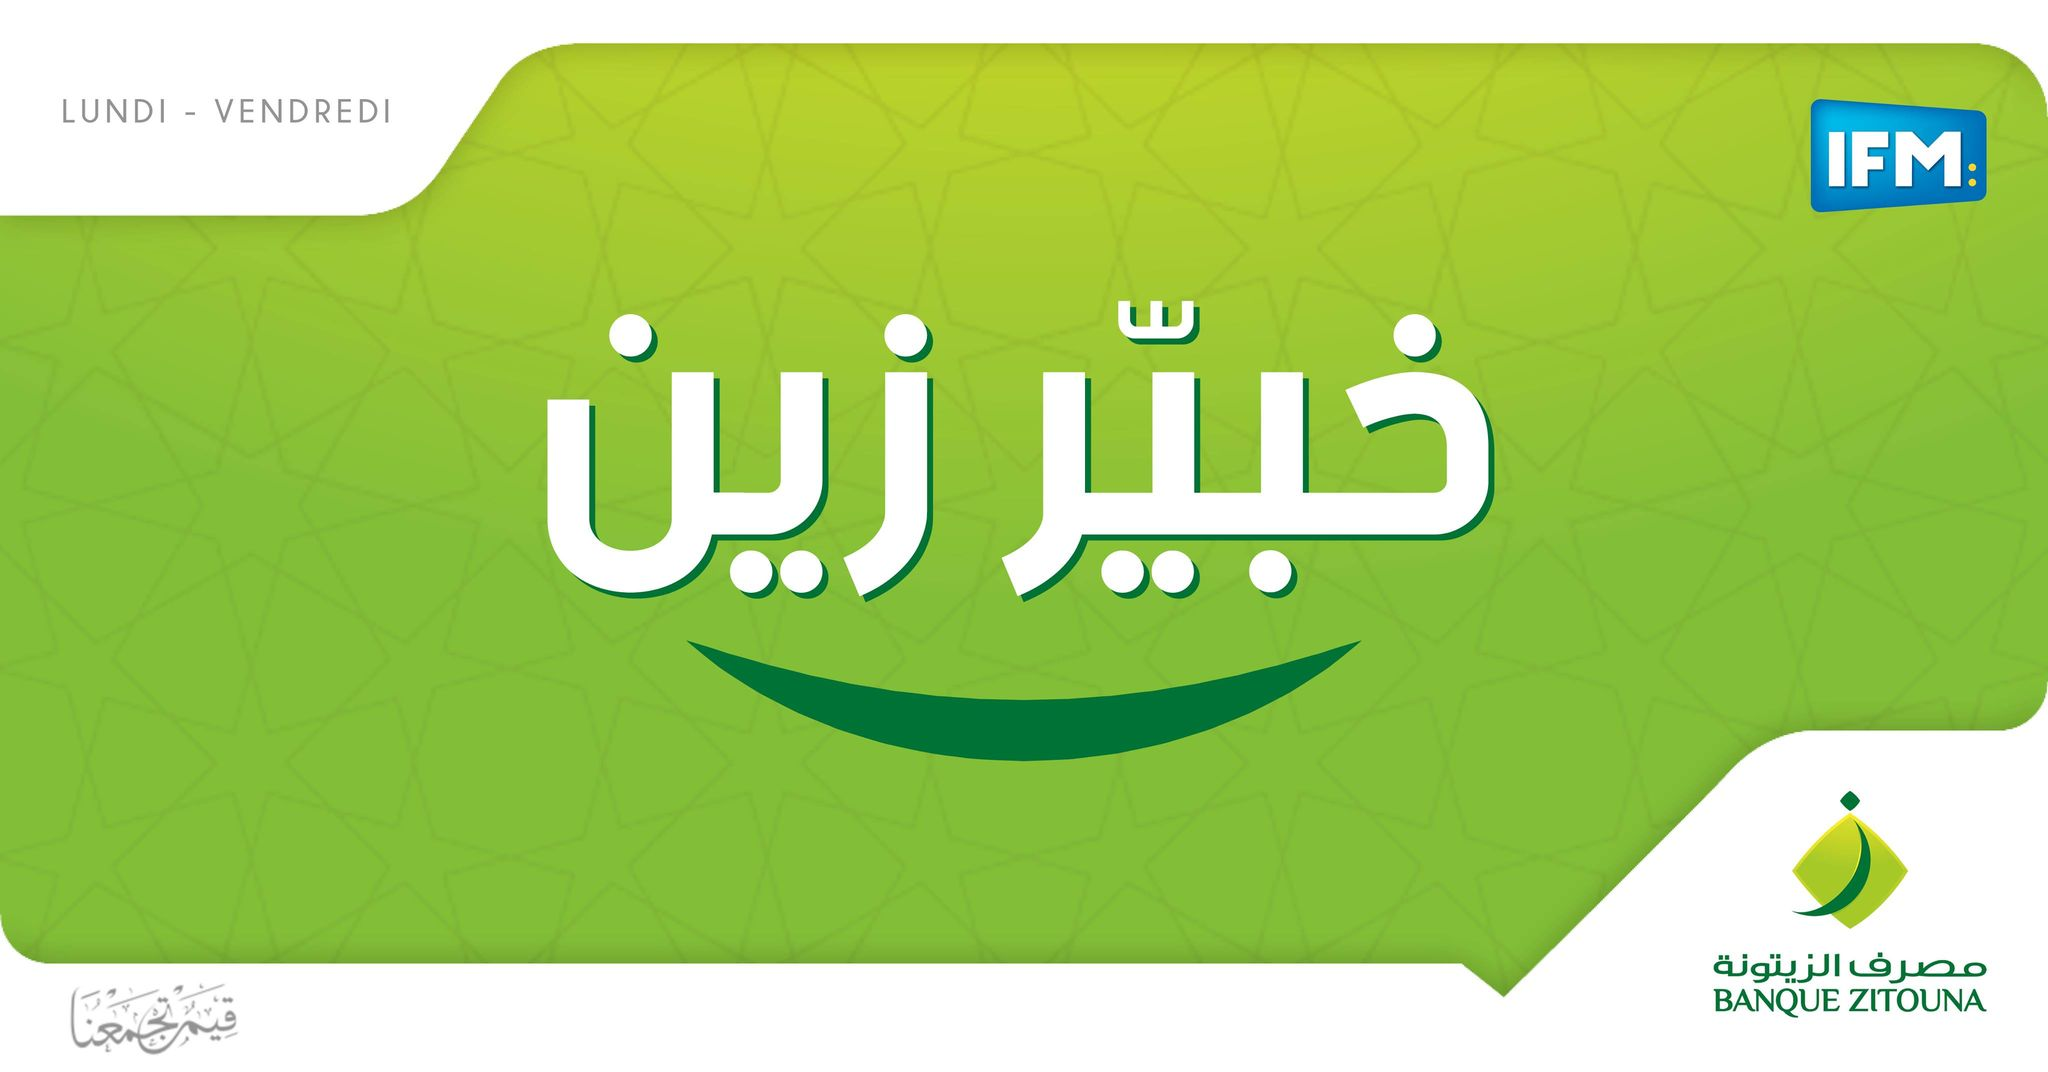 راف ماغ 🌿خبيّر زين مع مصرف الزيتونة🌿               السياحة التونسية تسترجع  أنفاسها، خاصة بعد تخفيف قيود الحجر الصحي في بلادنا.